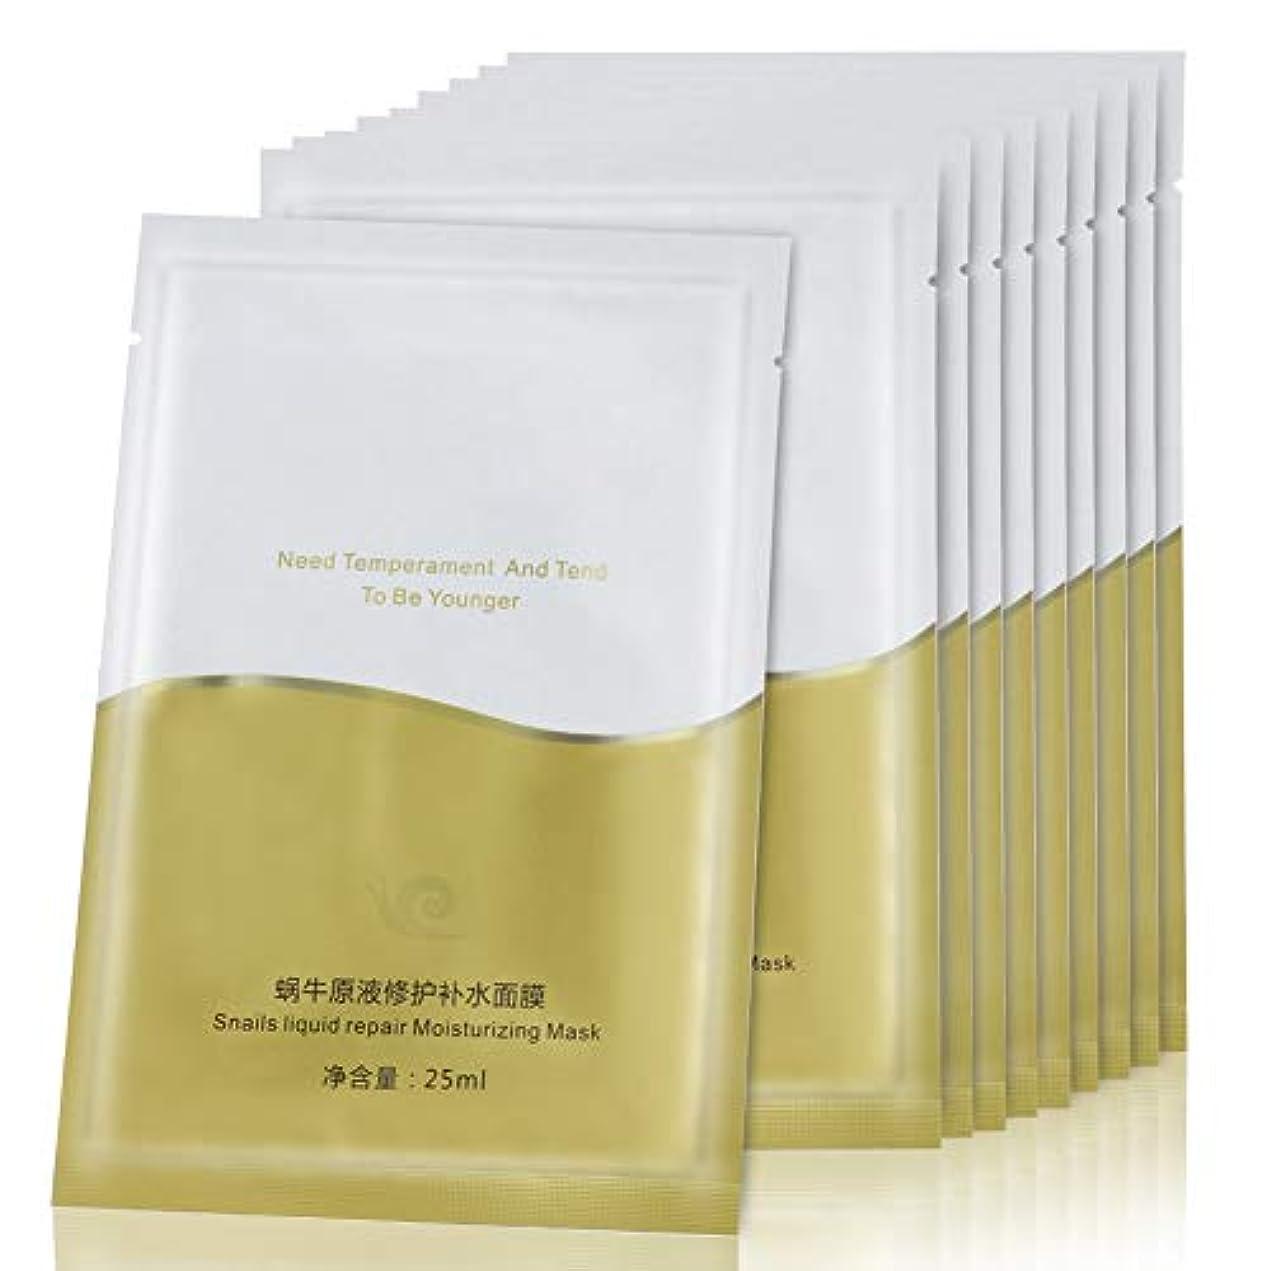 詐欺タンパク質美容師カタツムリエキスモイスチャライジングフェイスマスク、モイスチャライジング修復フェイシャルマスク、肌保護 - 10個